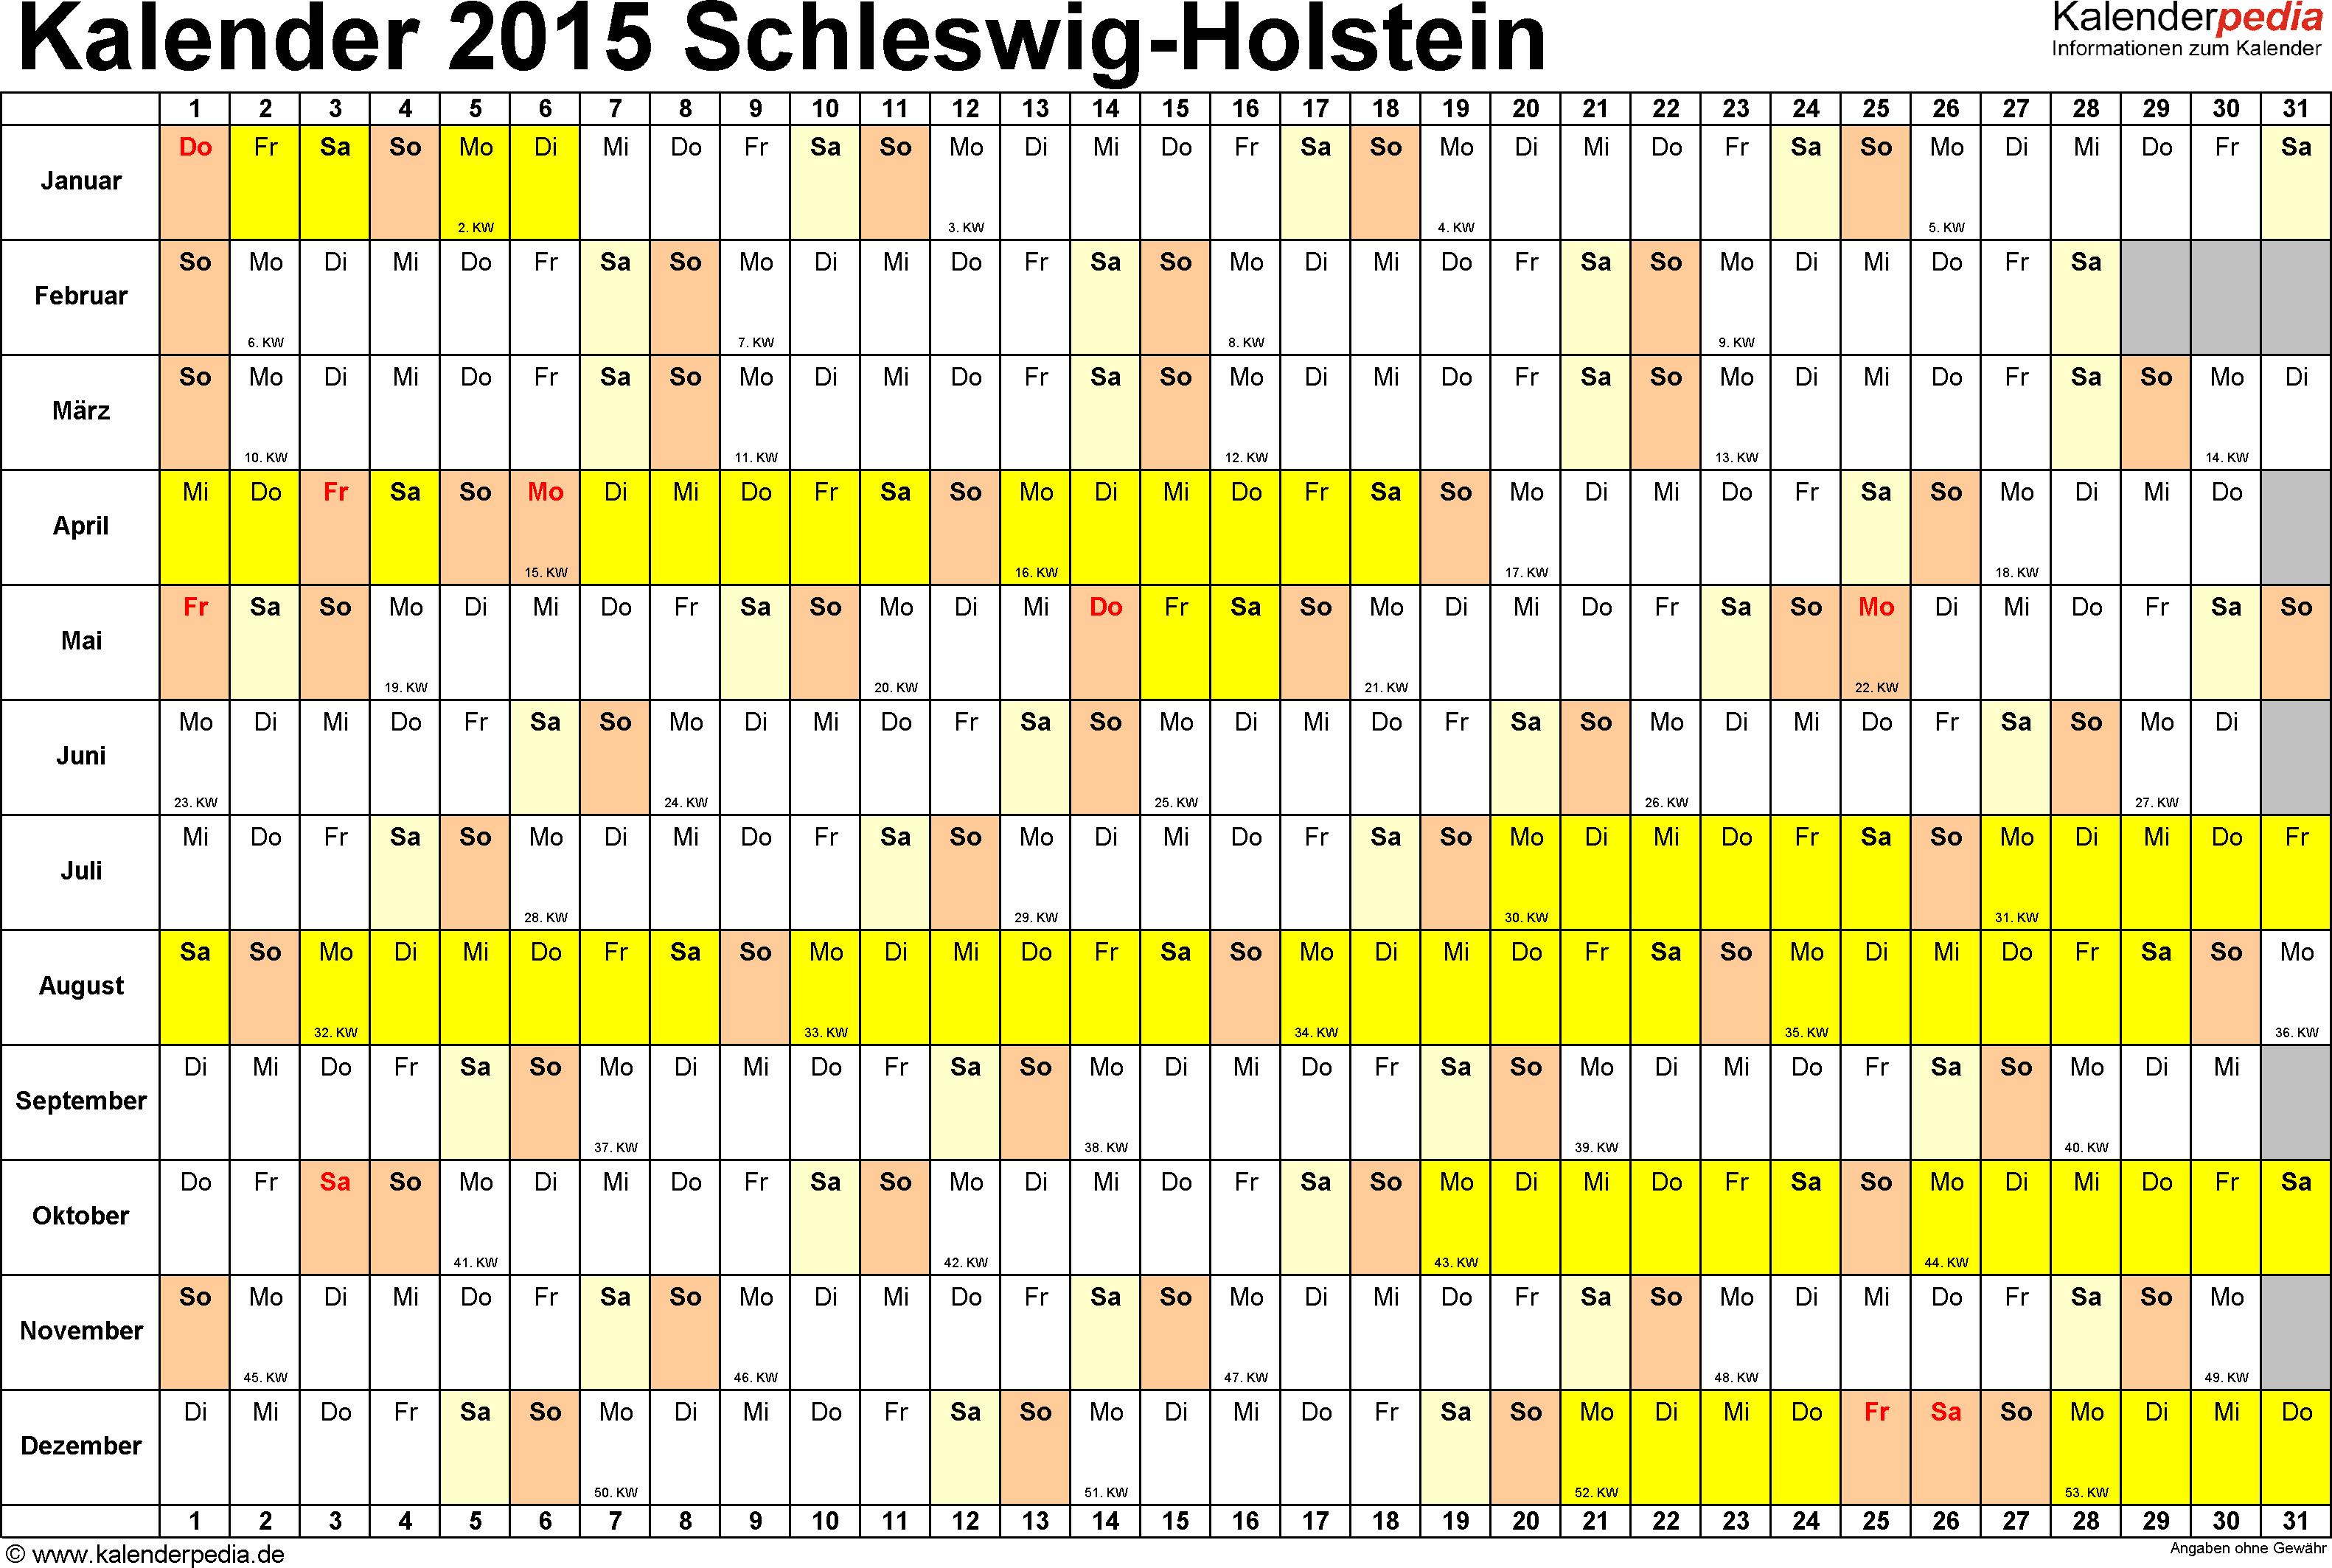 Vorlage 2: Kalender Schleswig-Holstein 2015 im Querformat, Tage nebeneinander